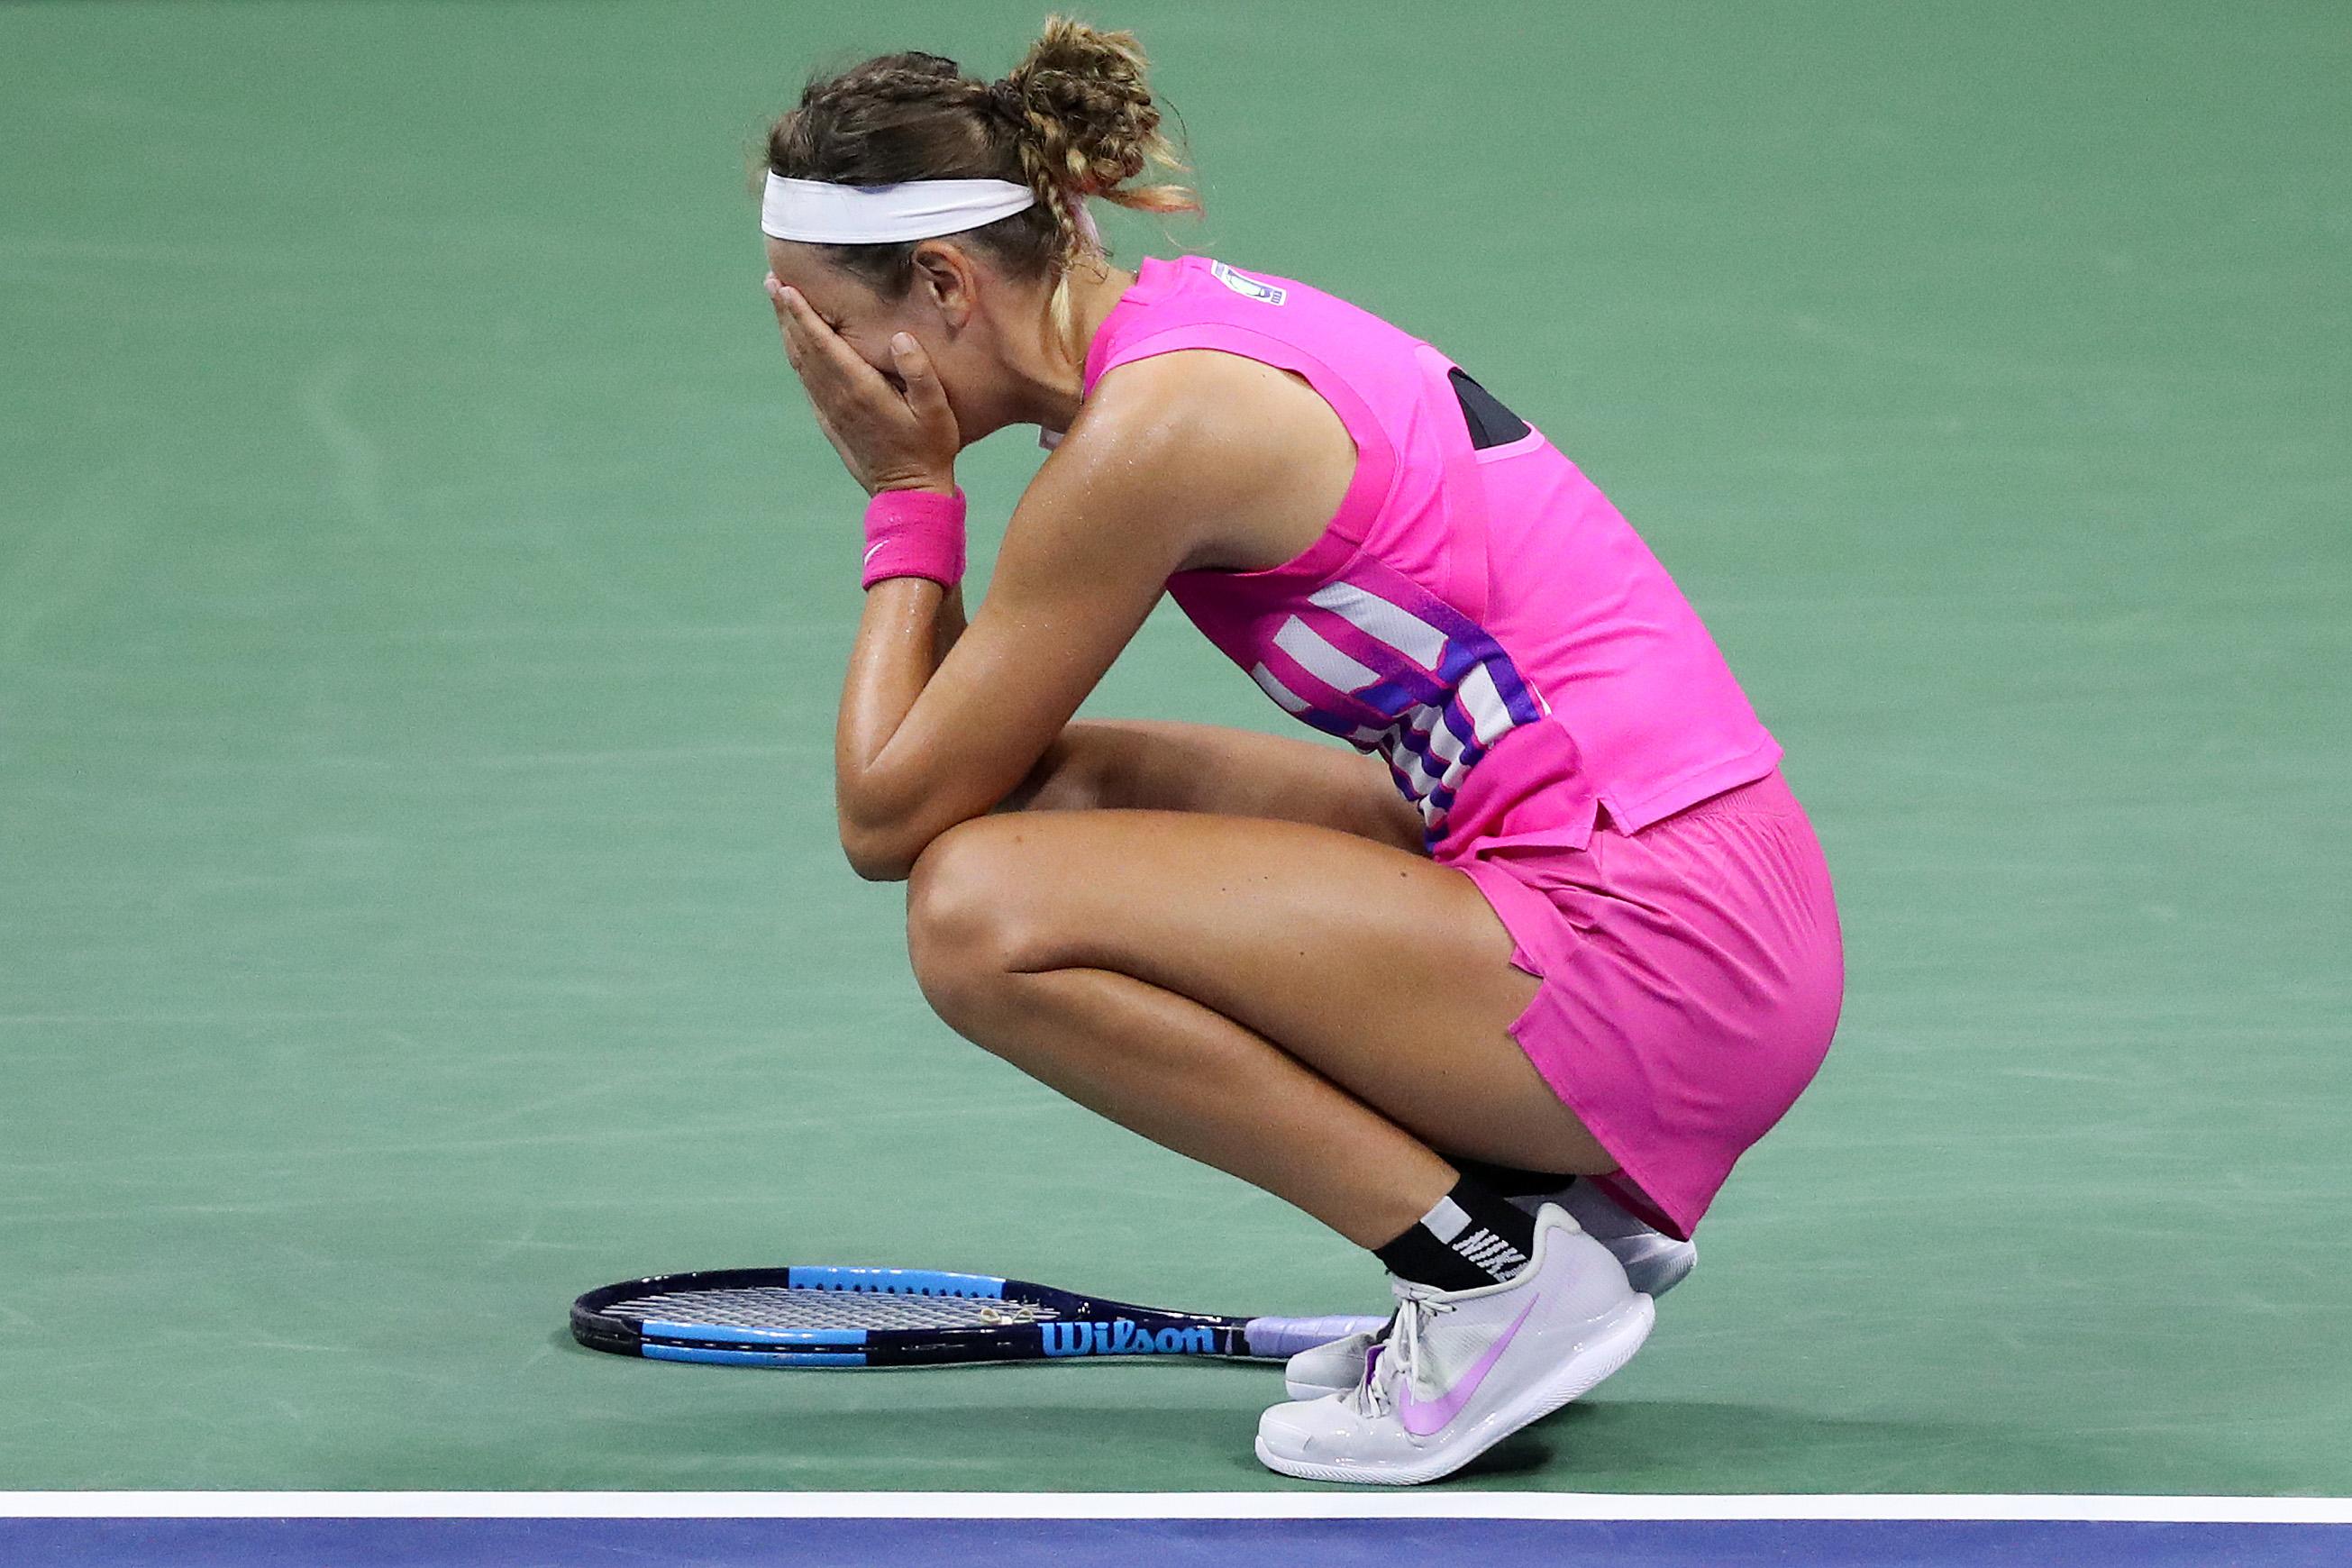 Se definió quienes rivalizarán por el título en el US Open